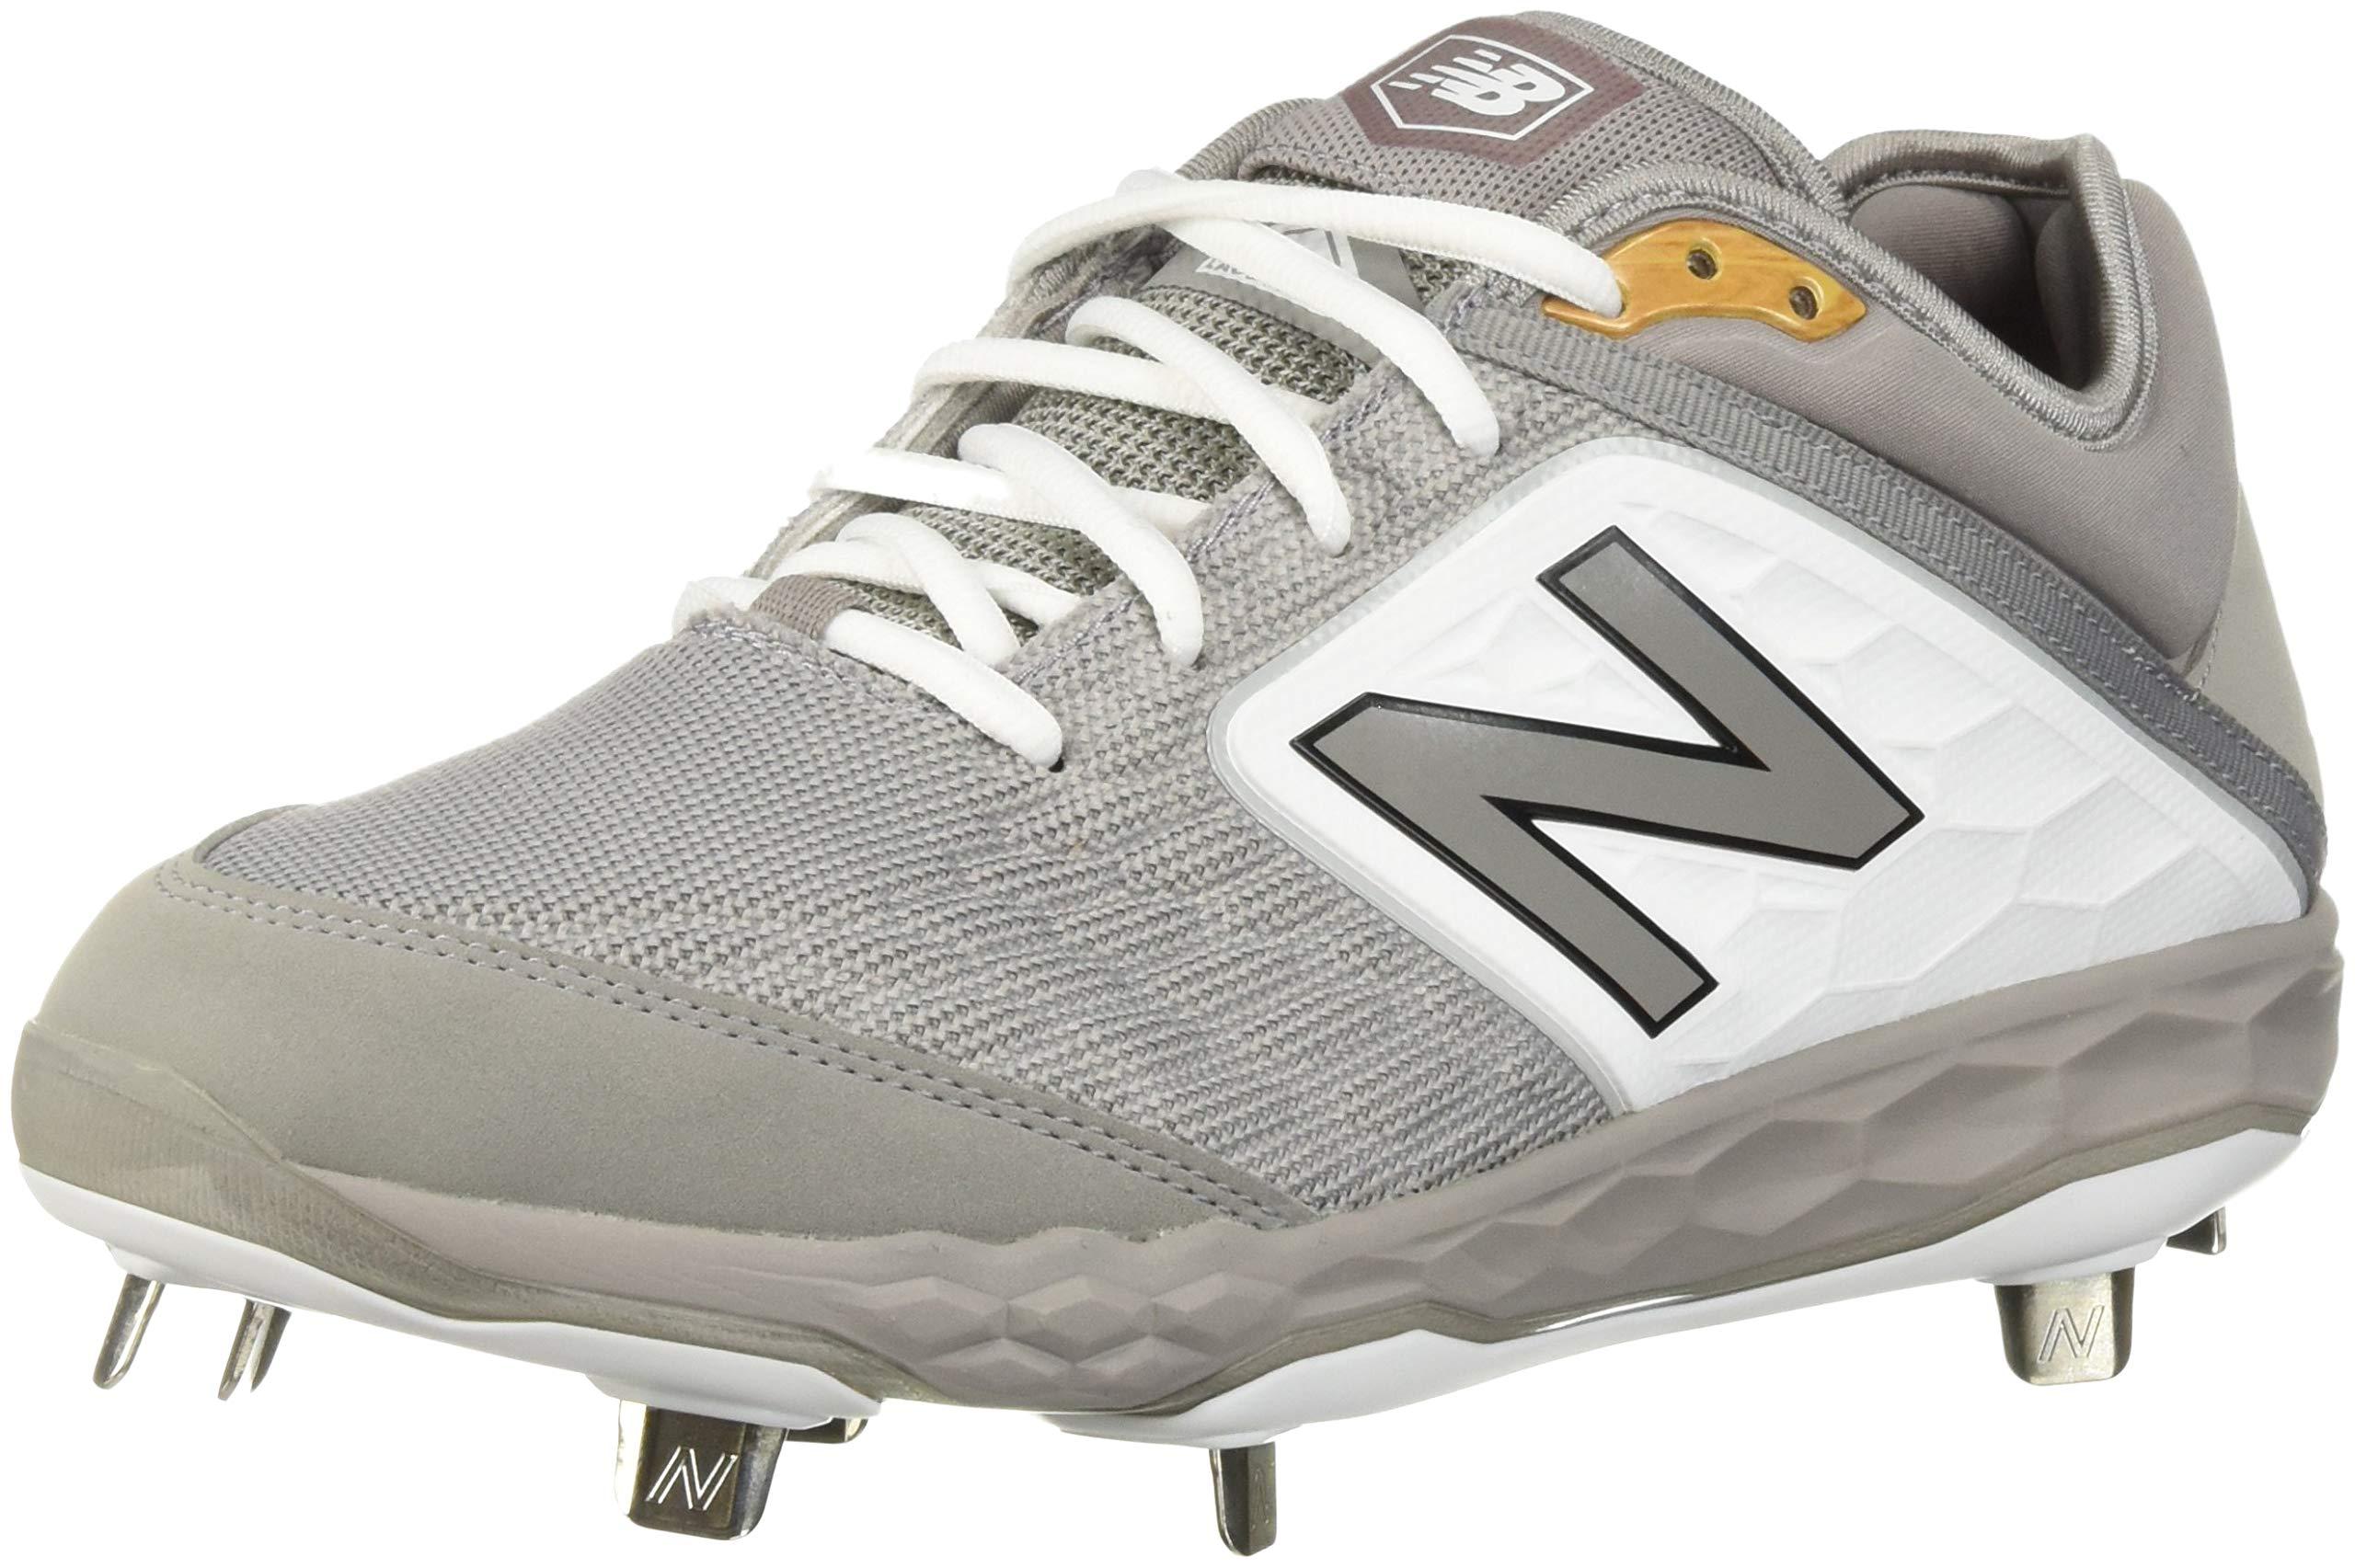 New Balance Men's 3000v4 Baseball Shoe, Grey/White, 5 D US